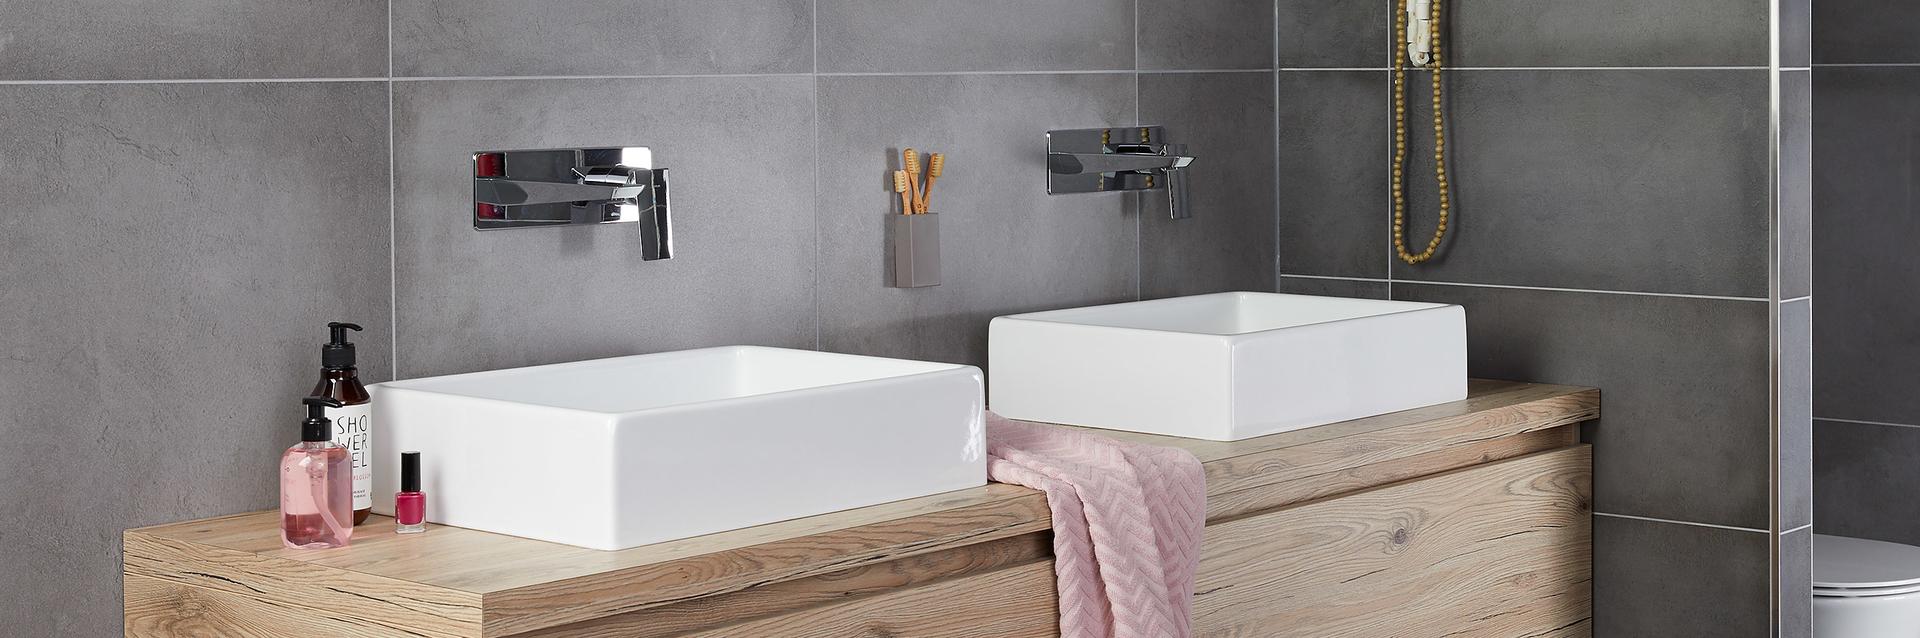 Inbouwkraan in betonlook badkamer met hout meubel en strakke opzetkommen